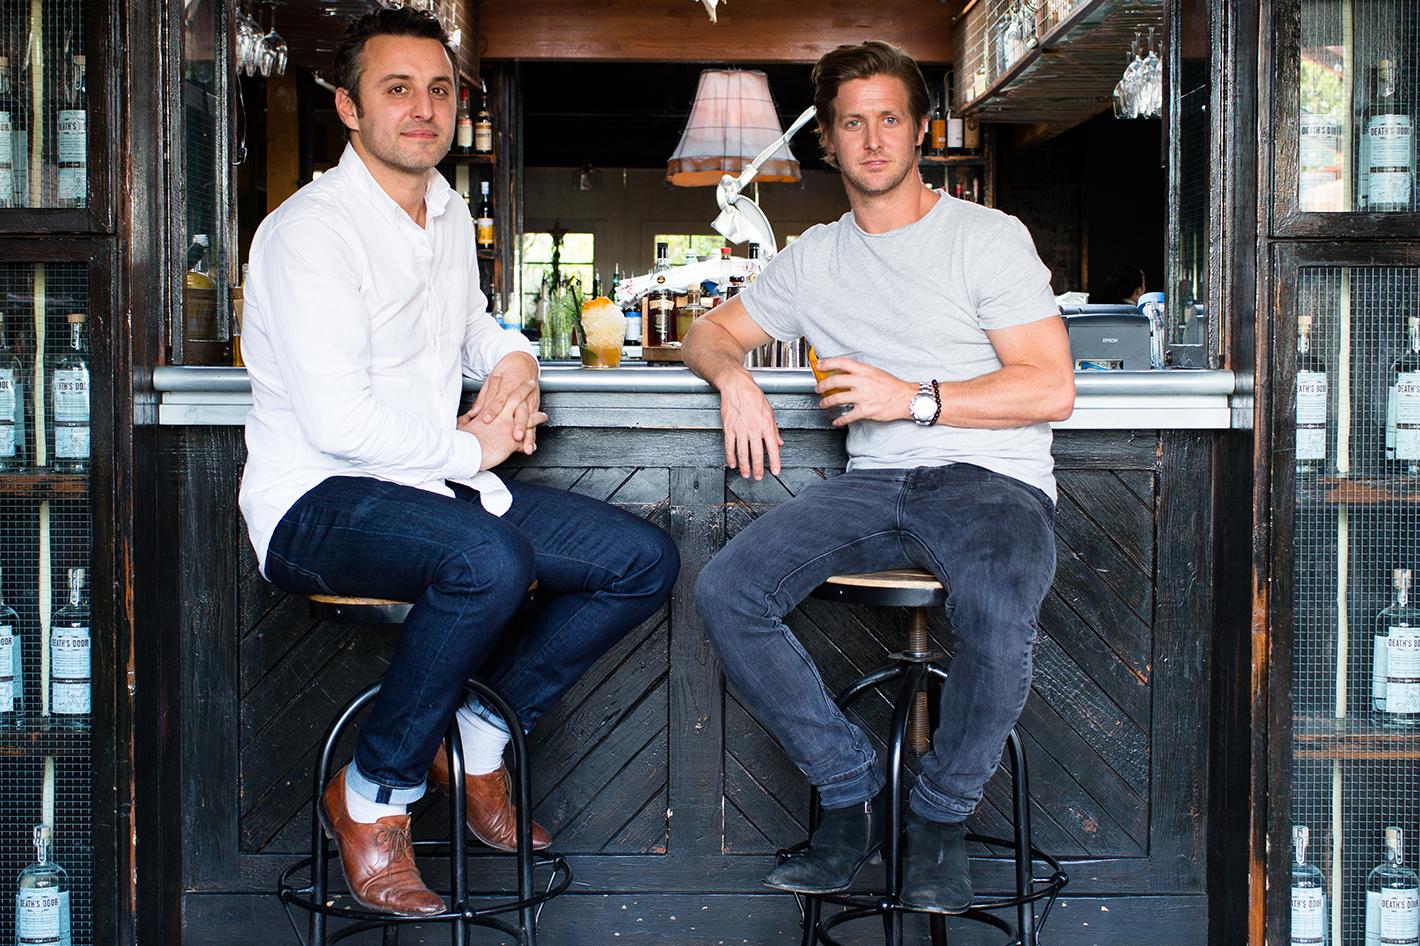 Owners, Nick Hatsatouris & Nick Mathers